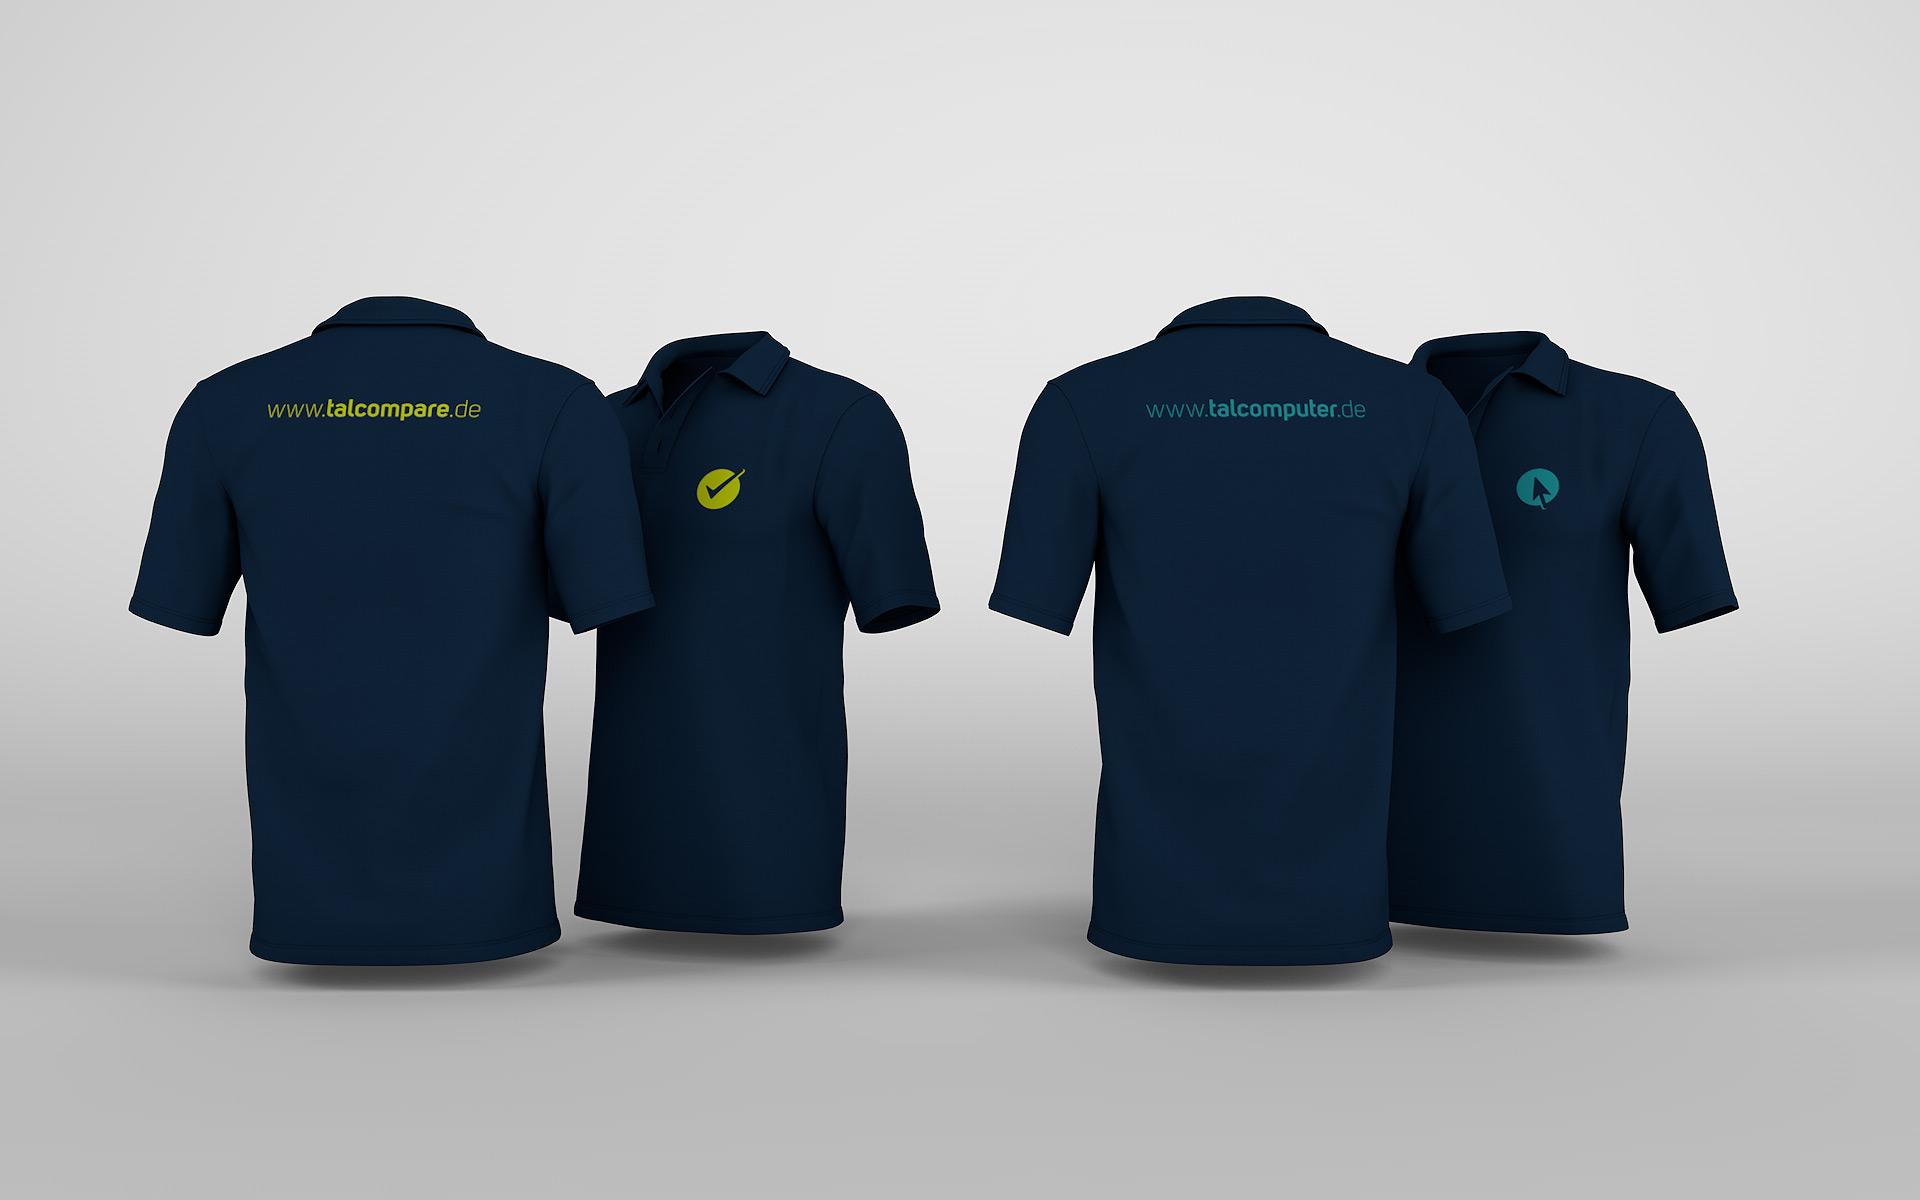 Polo-Shirt für talcomputer und talcompare